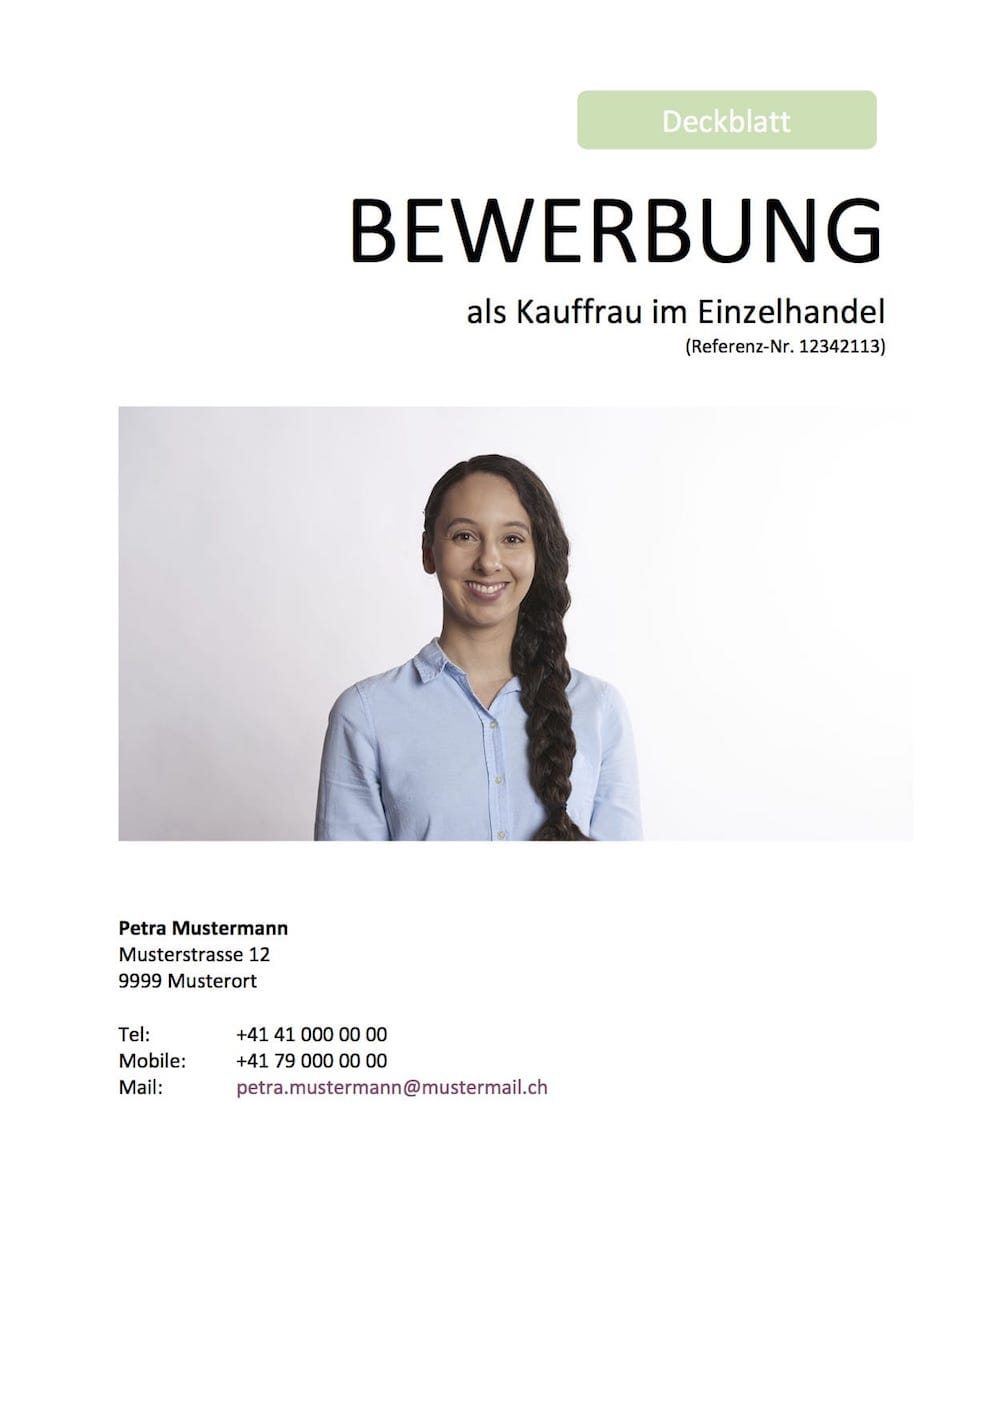 Deckblatt Für Die Bewerbung Vorlage Schweiz Muster Vorlagech